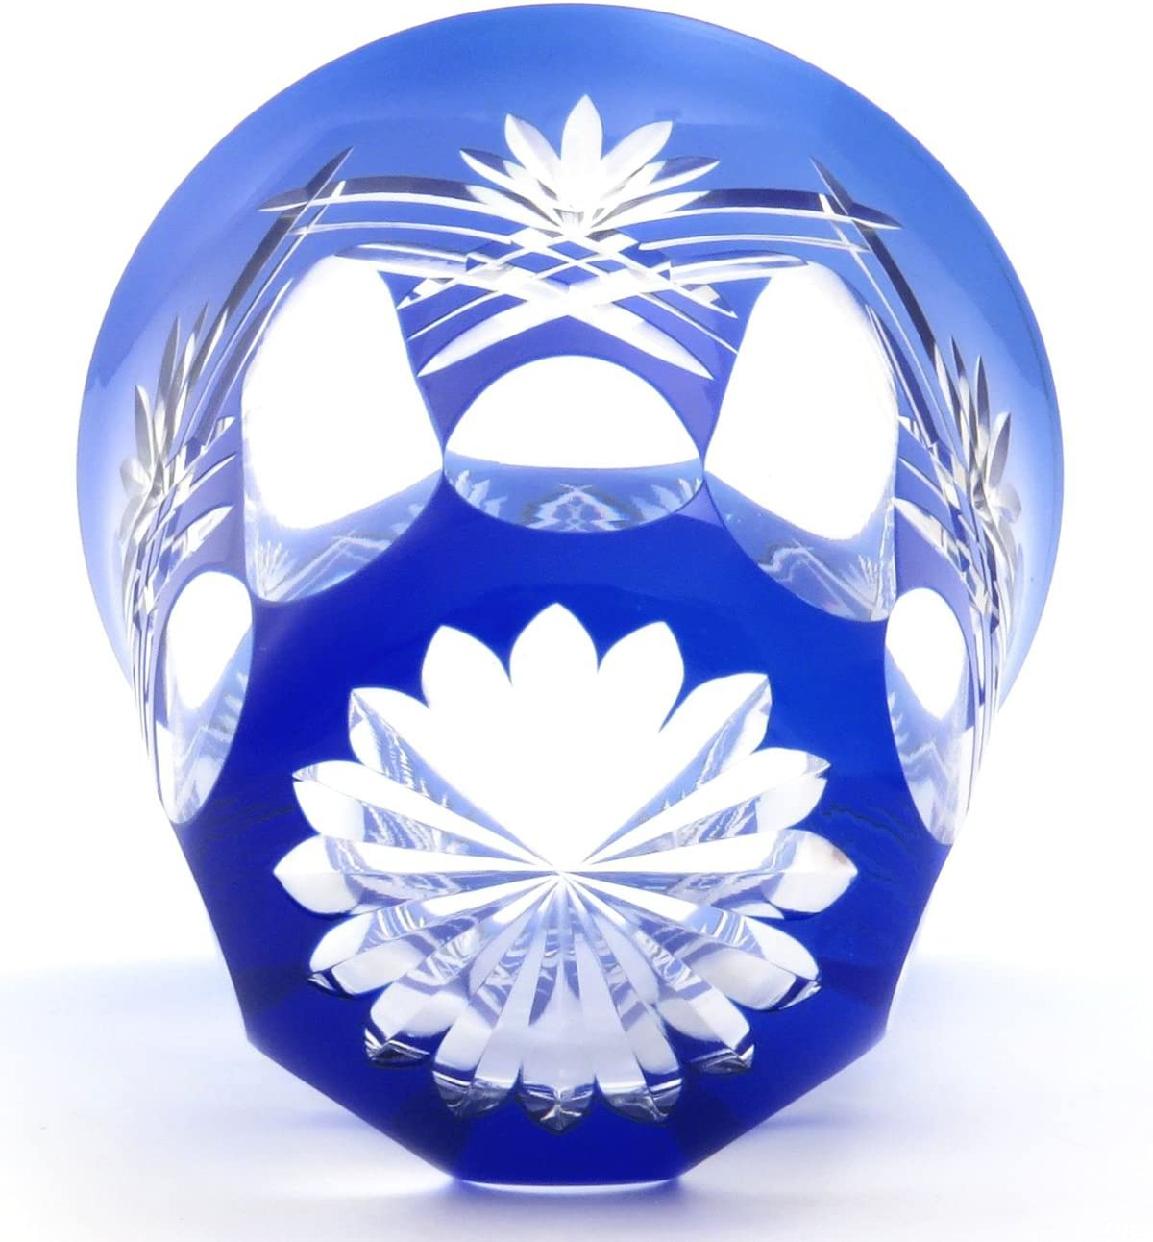 すみだ江戸切子館 焼酎グラス (化粧箱入) 重ね剣矢来 (藍) KY-44の商品画像4